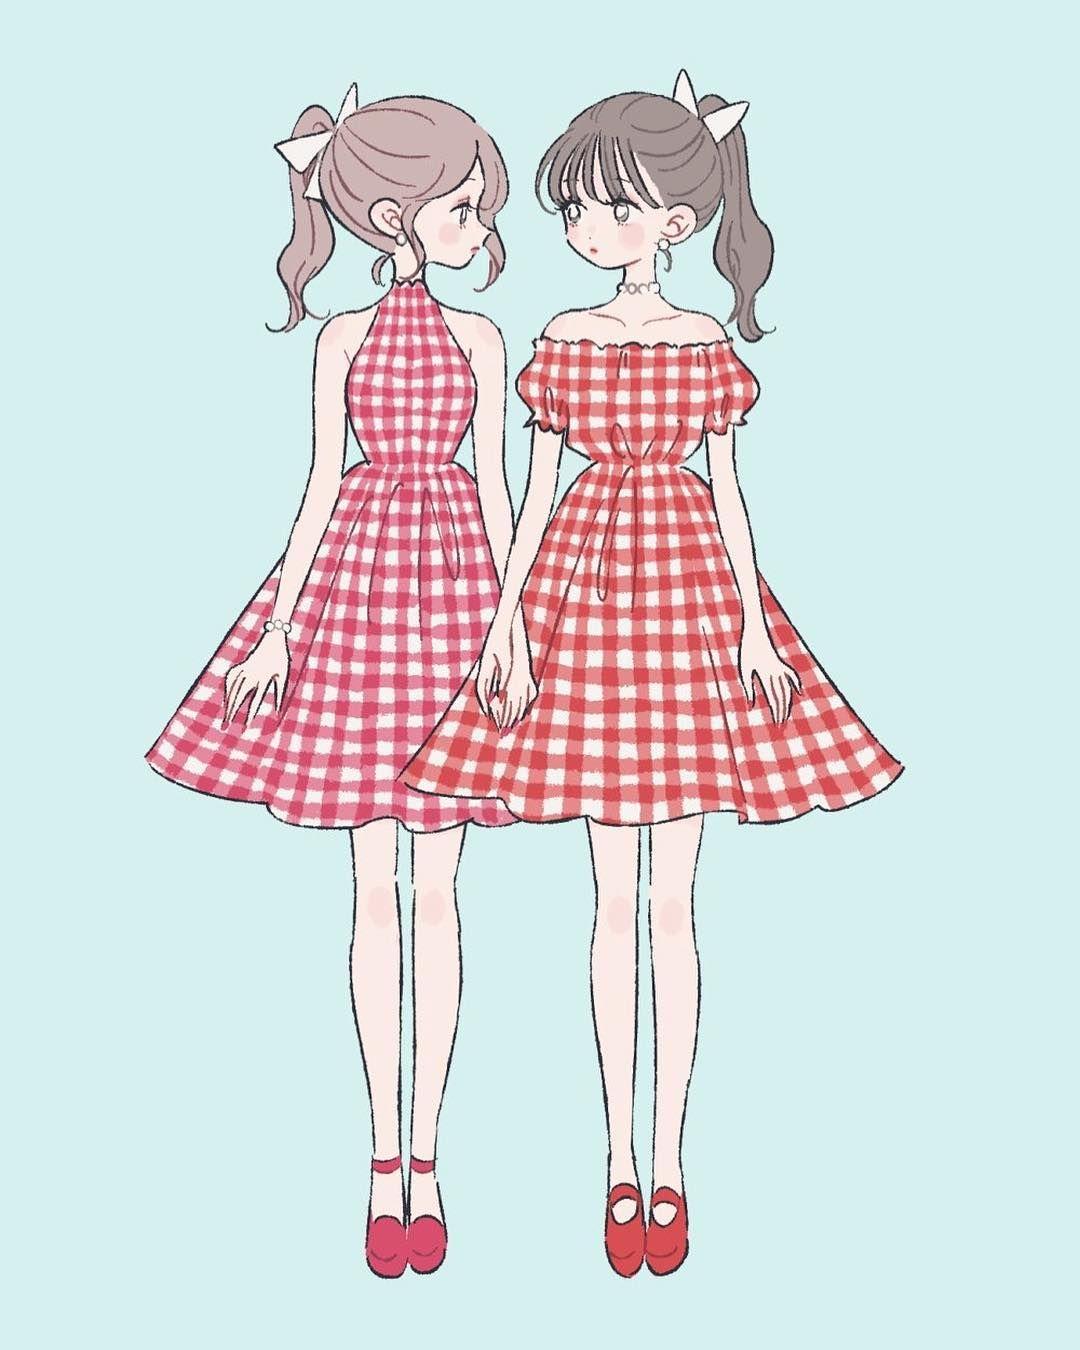 女の子 ドレス イラスト 簡単